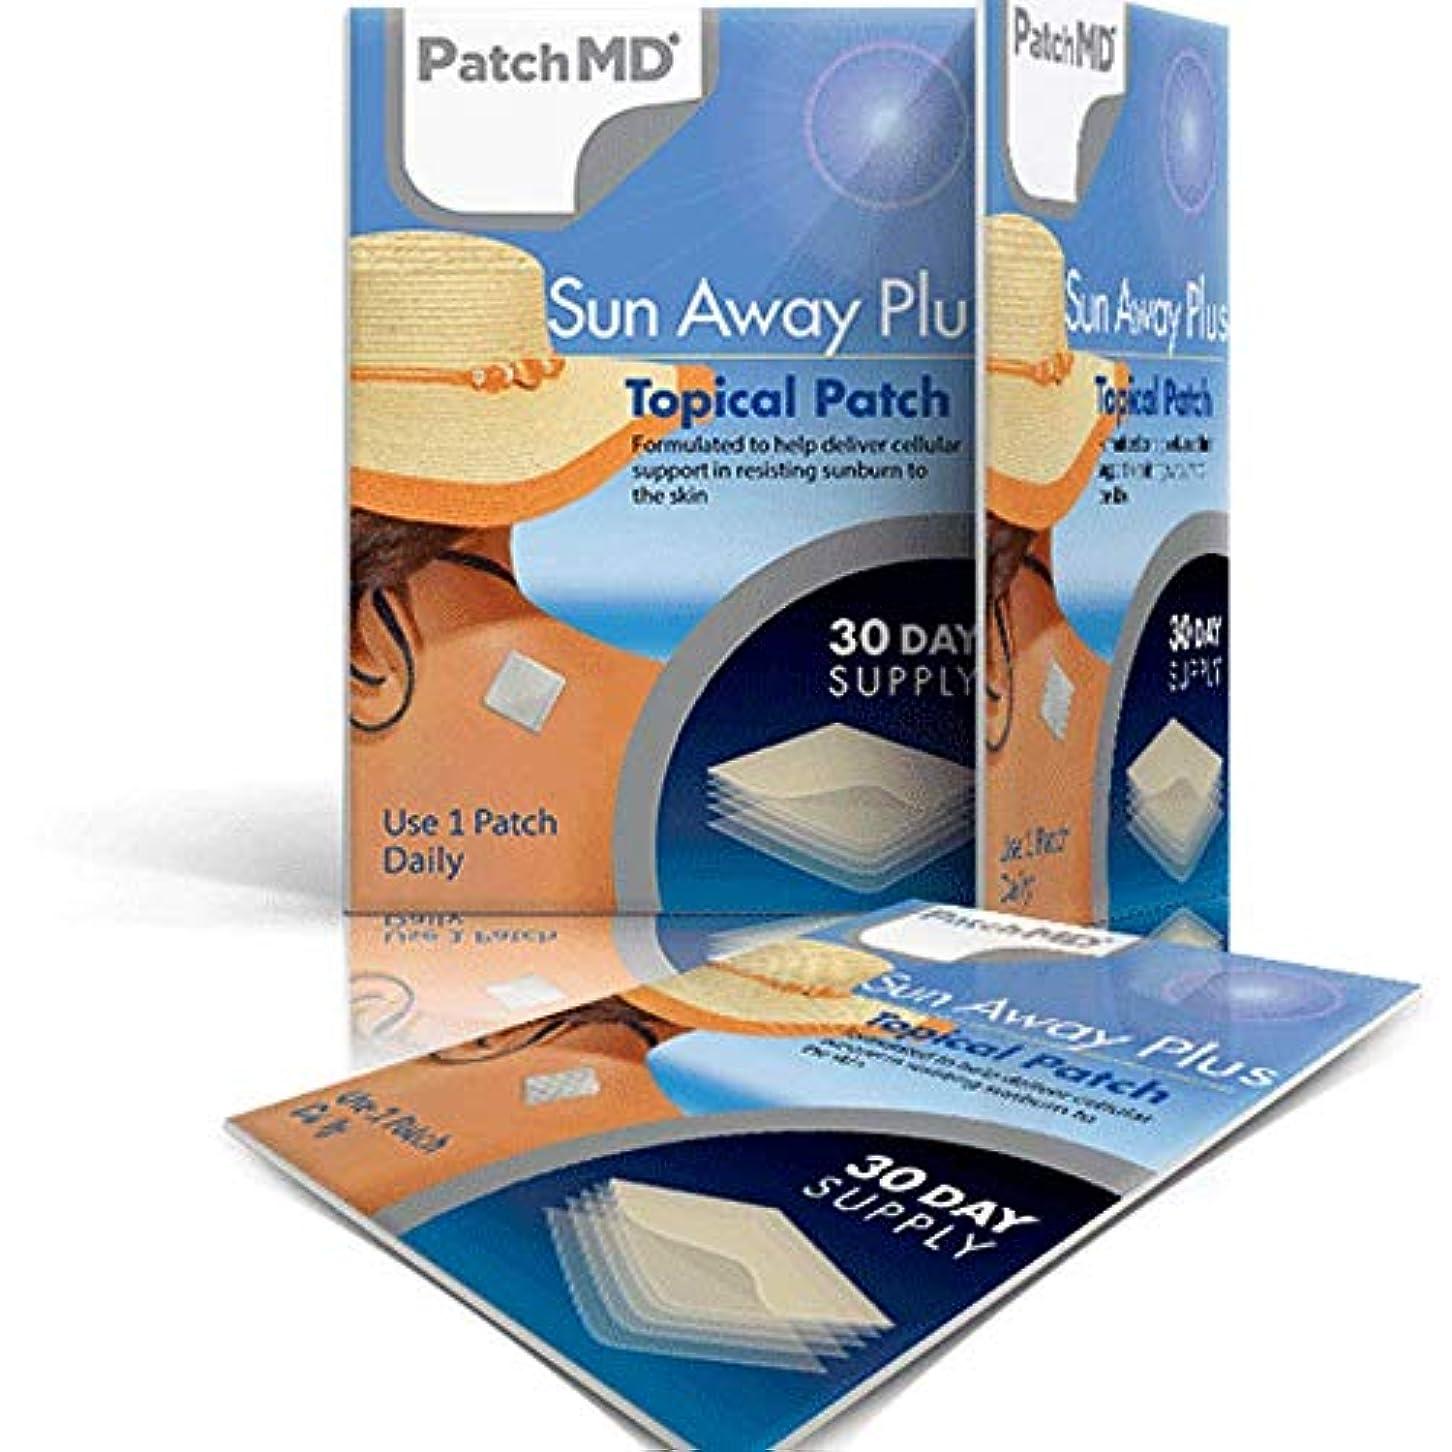 百科事典食欲怪物パッチMD サンアウェイプラス 30パッチ 1袋 Sun Away Plus Topical Patch